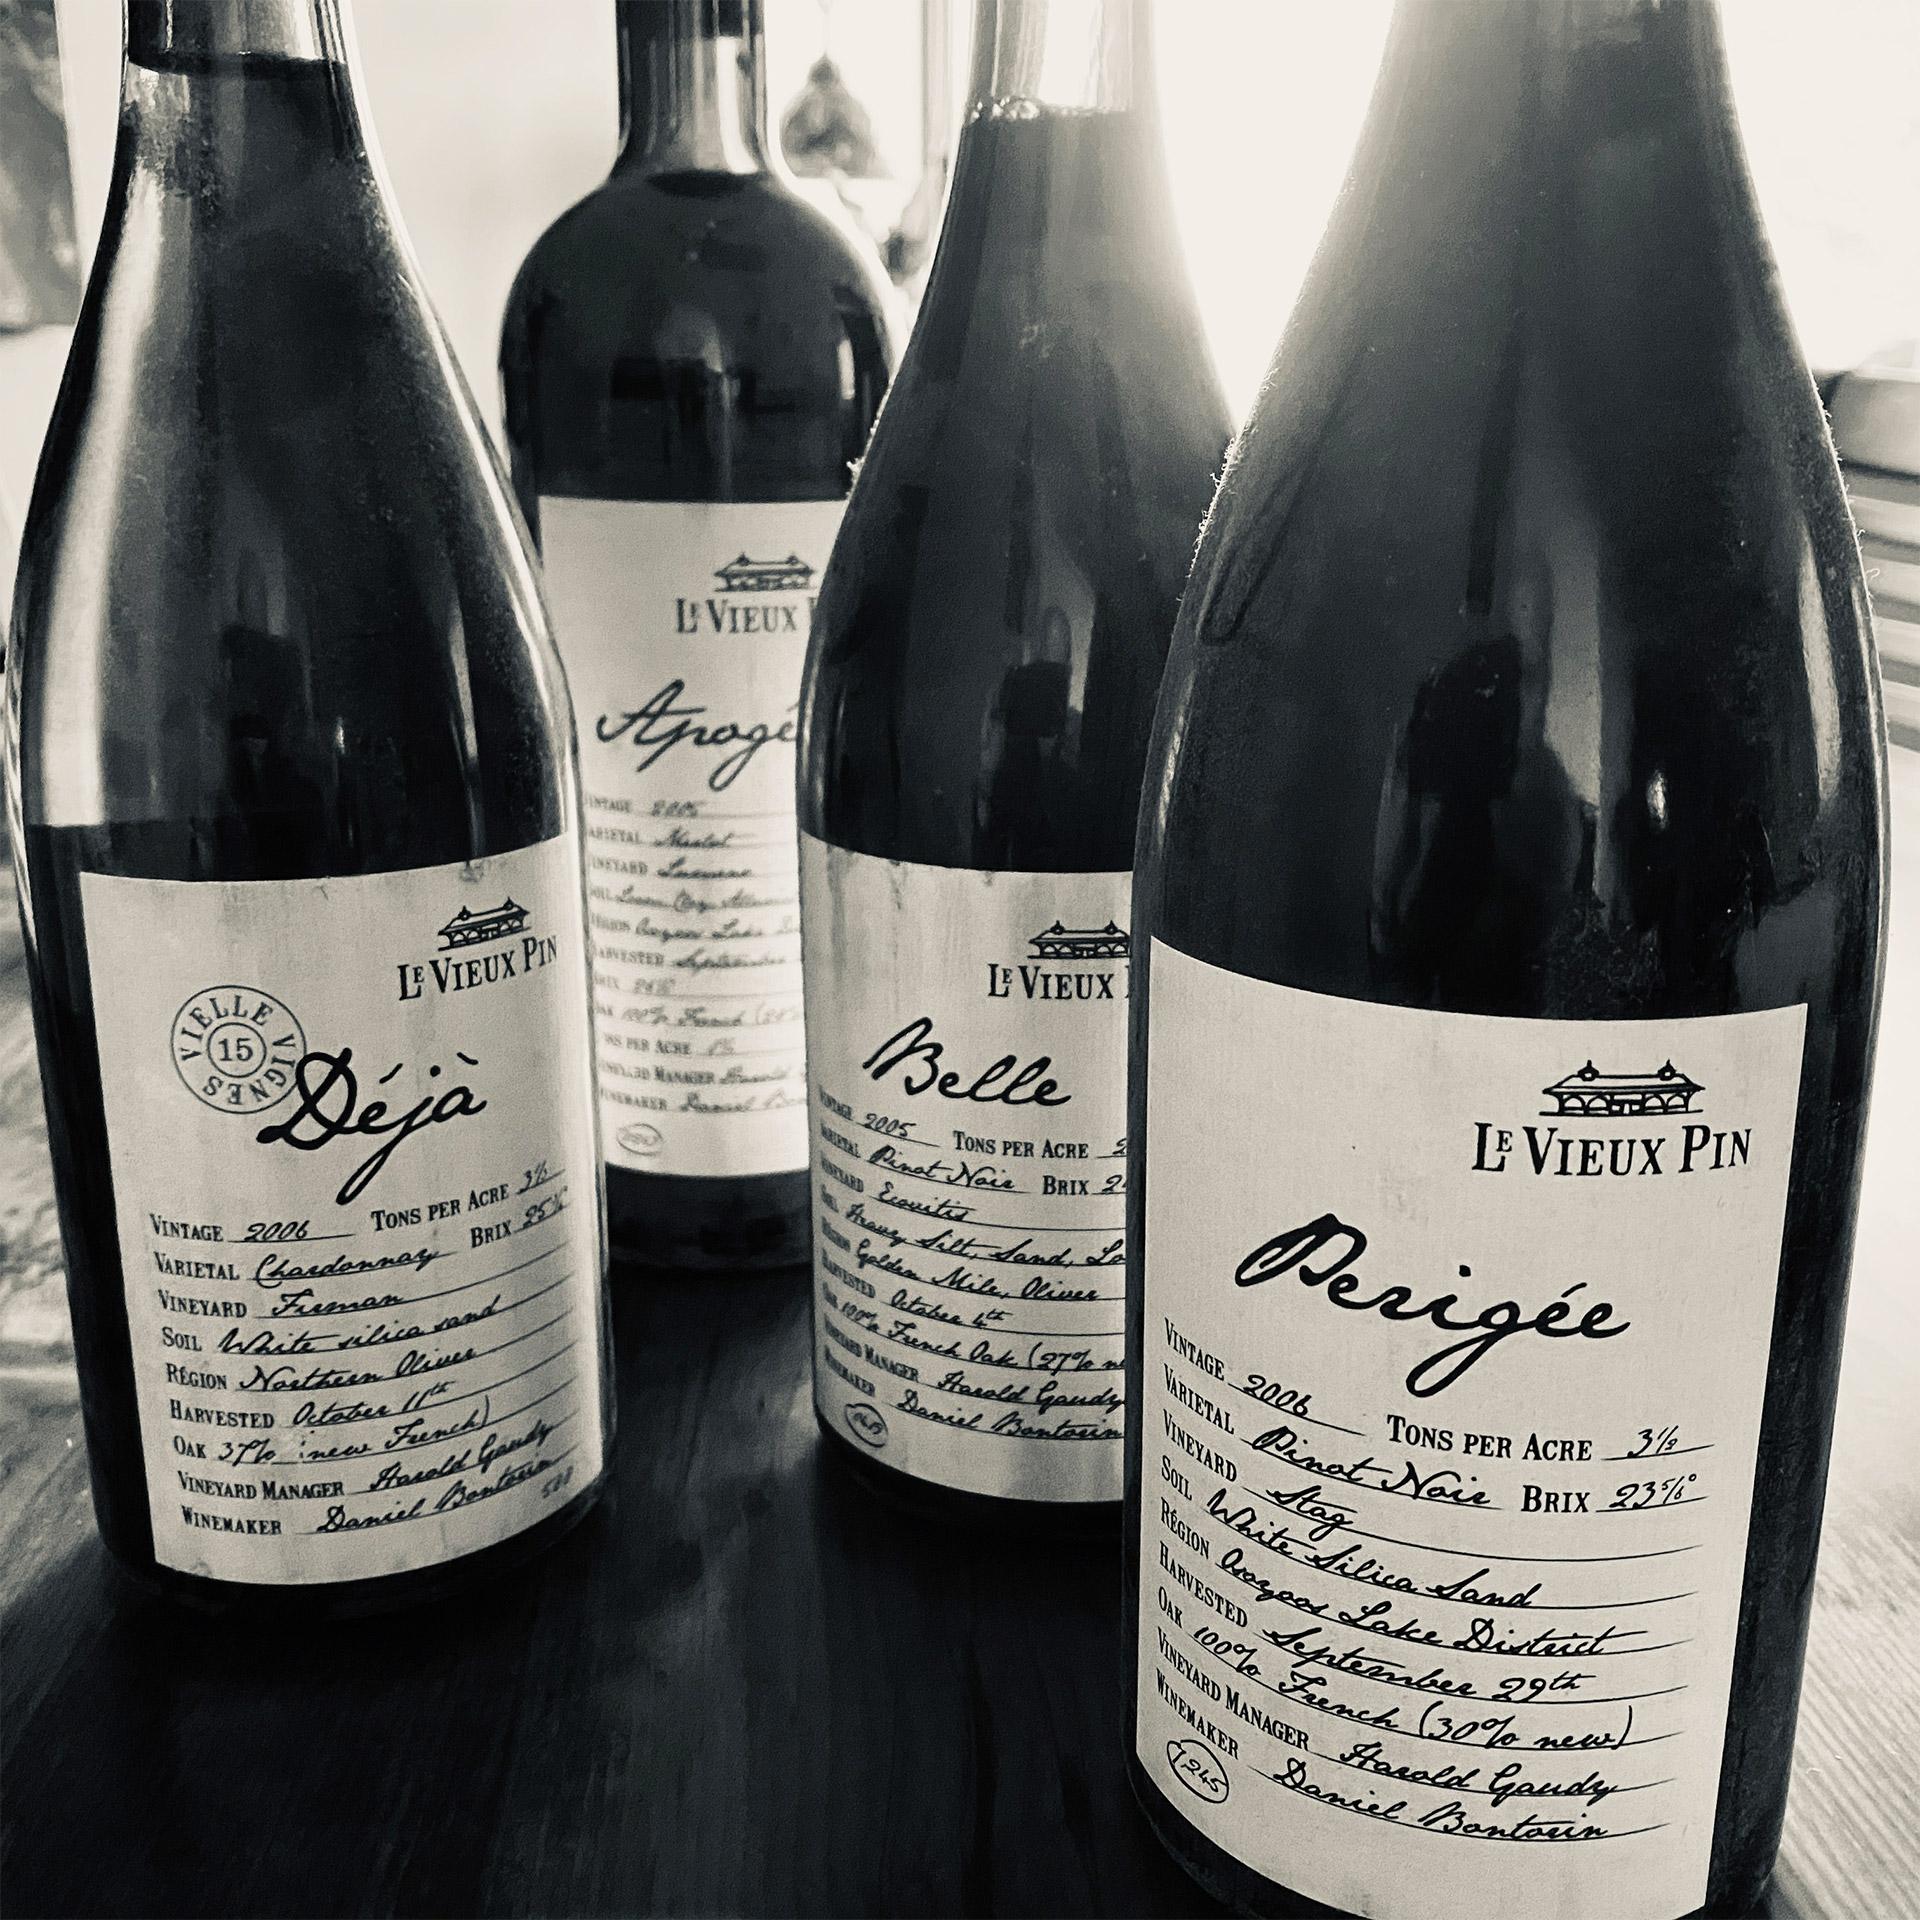 Brandolier Le Vieux Pin Wine Bottles